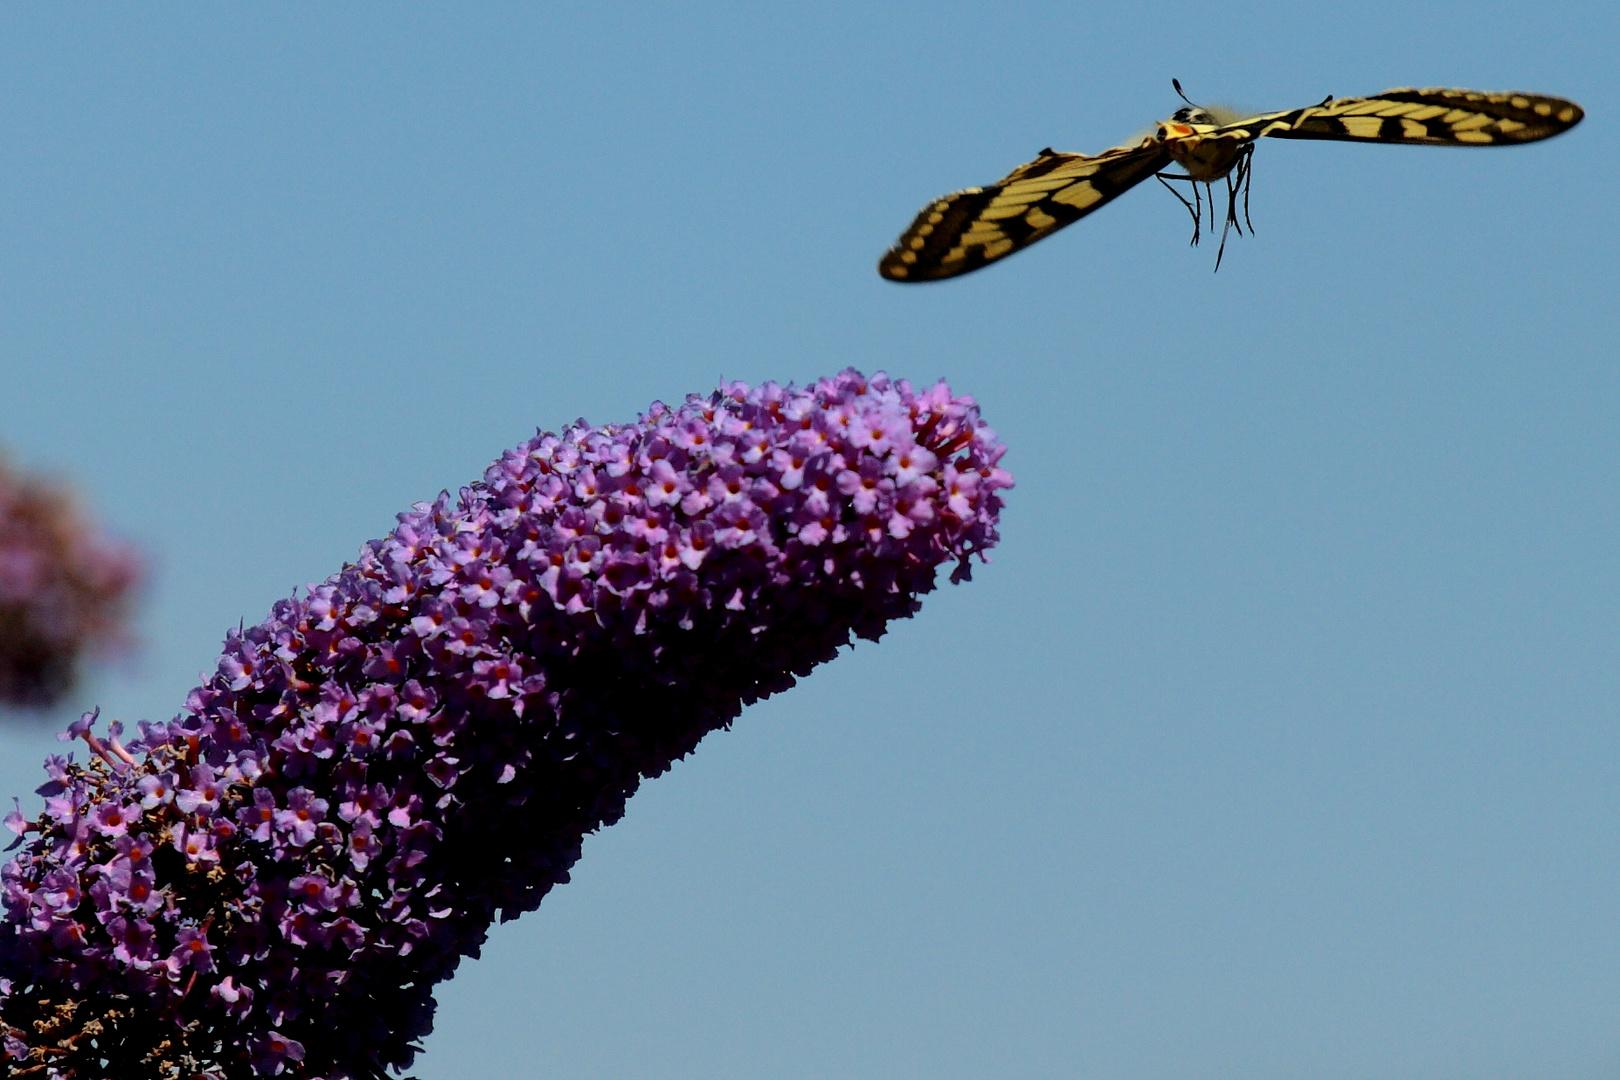 Schmetterling in Anflug